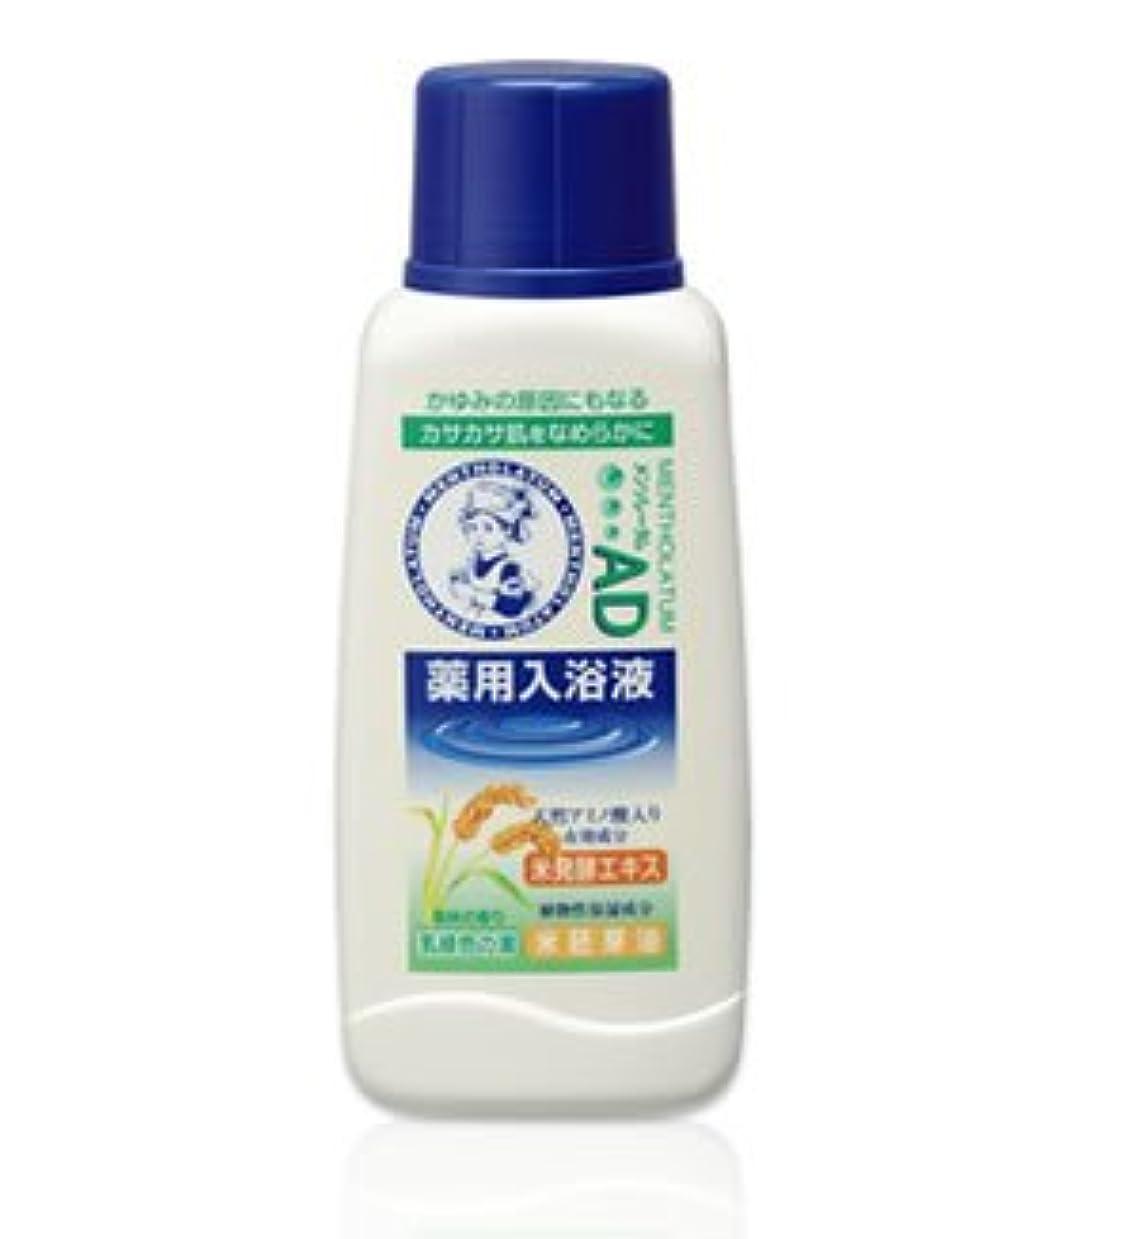 カップル始まり騙す(ロート)メンソレータム AD薬用入浴剤 森林の香り720ml(医薬部外品)